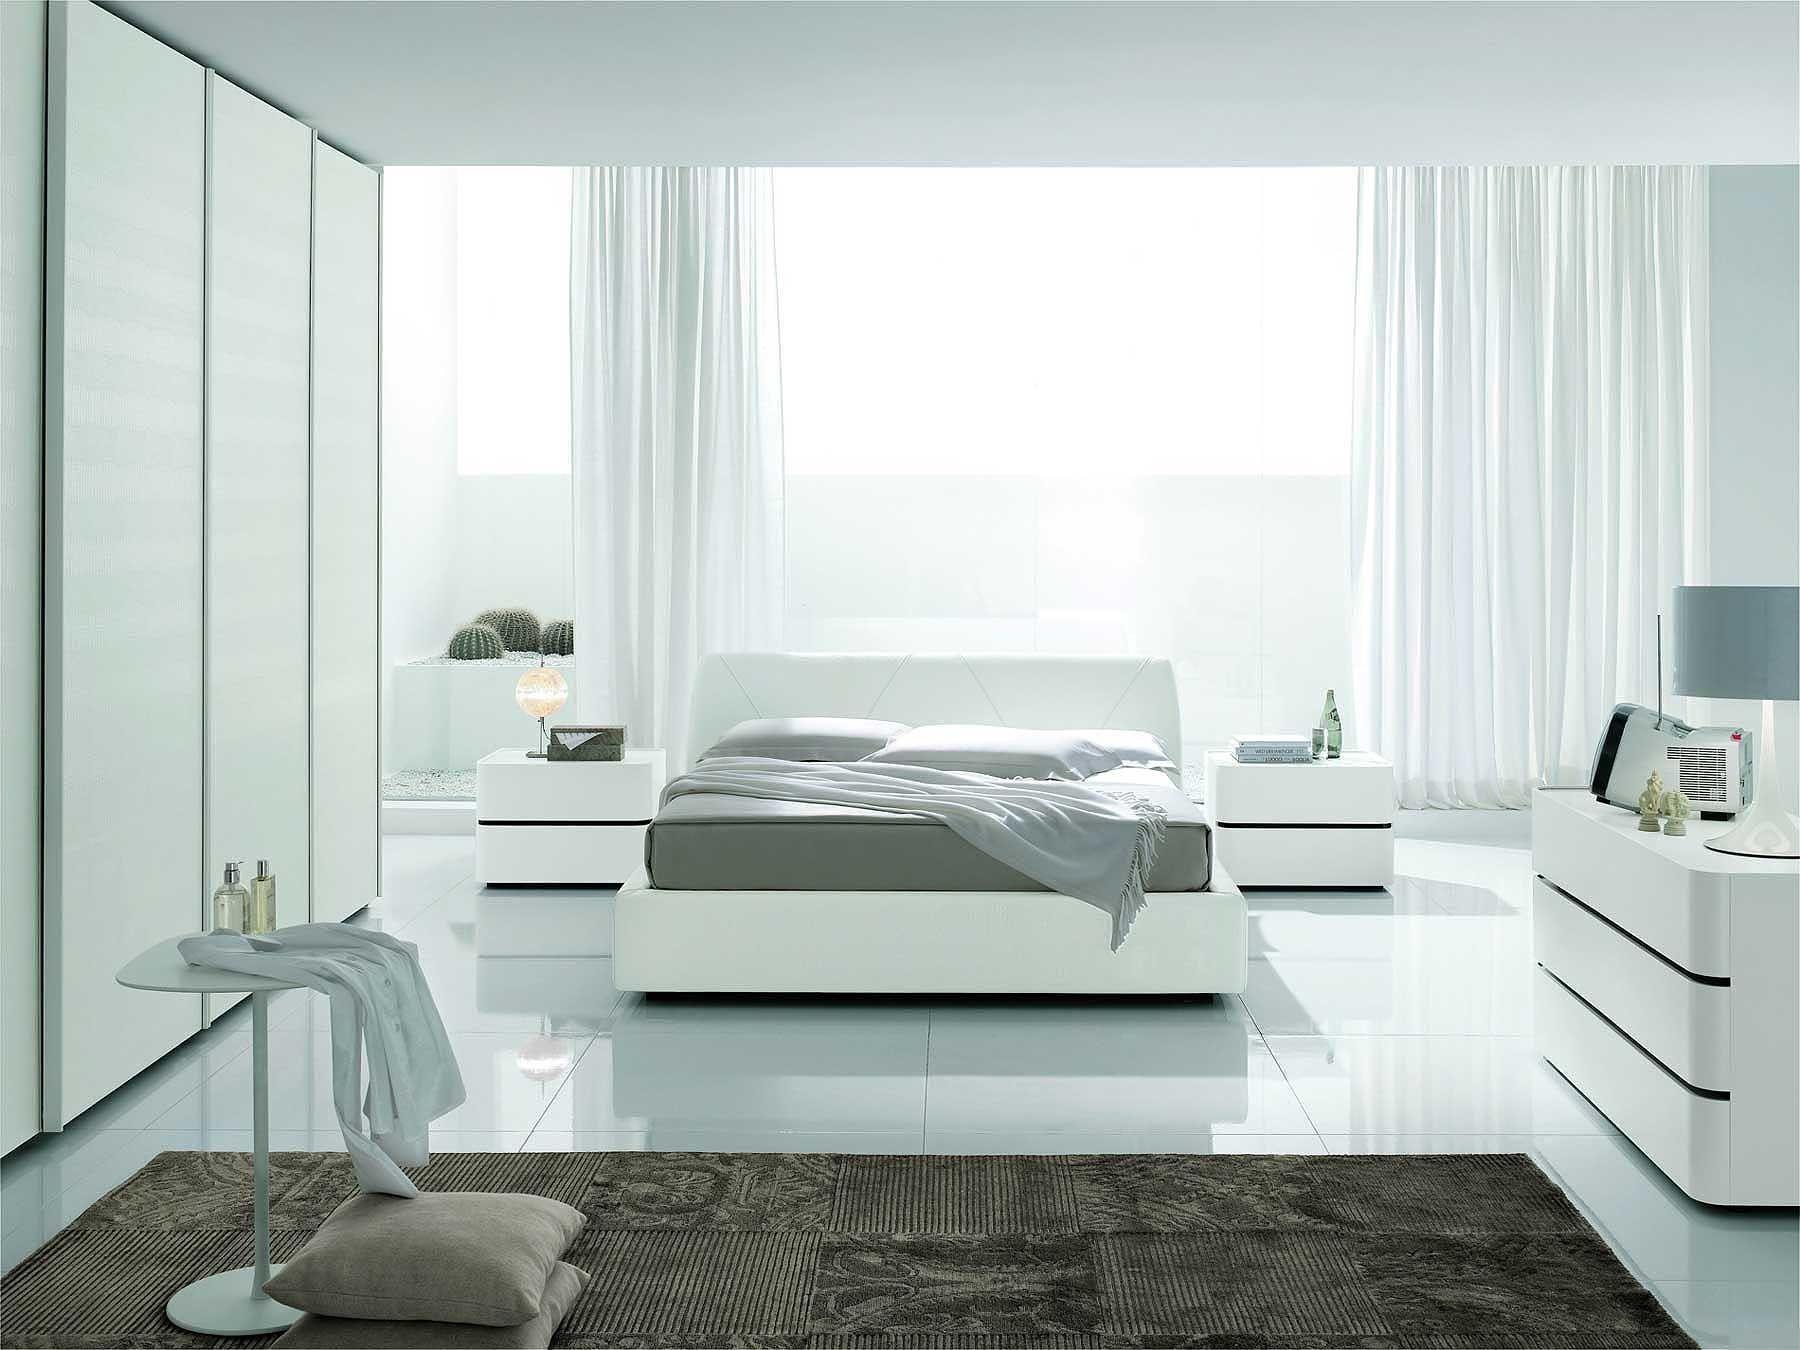 Full Size of Günstige Schlafzimmer Komplett Gnstige Kommode Weiß Massivholz Günstig Vorhänge Deckenleuchte Regale Teppich Set Betten 180x200 Schimmel Im Nolte Mit Schlafzimmer Günstige Schlafzimmer Komplett